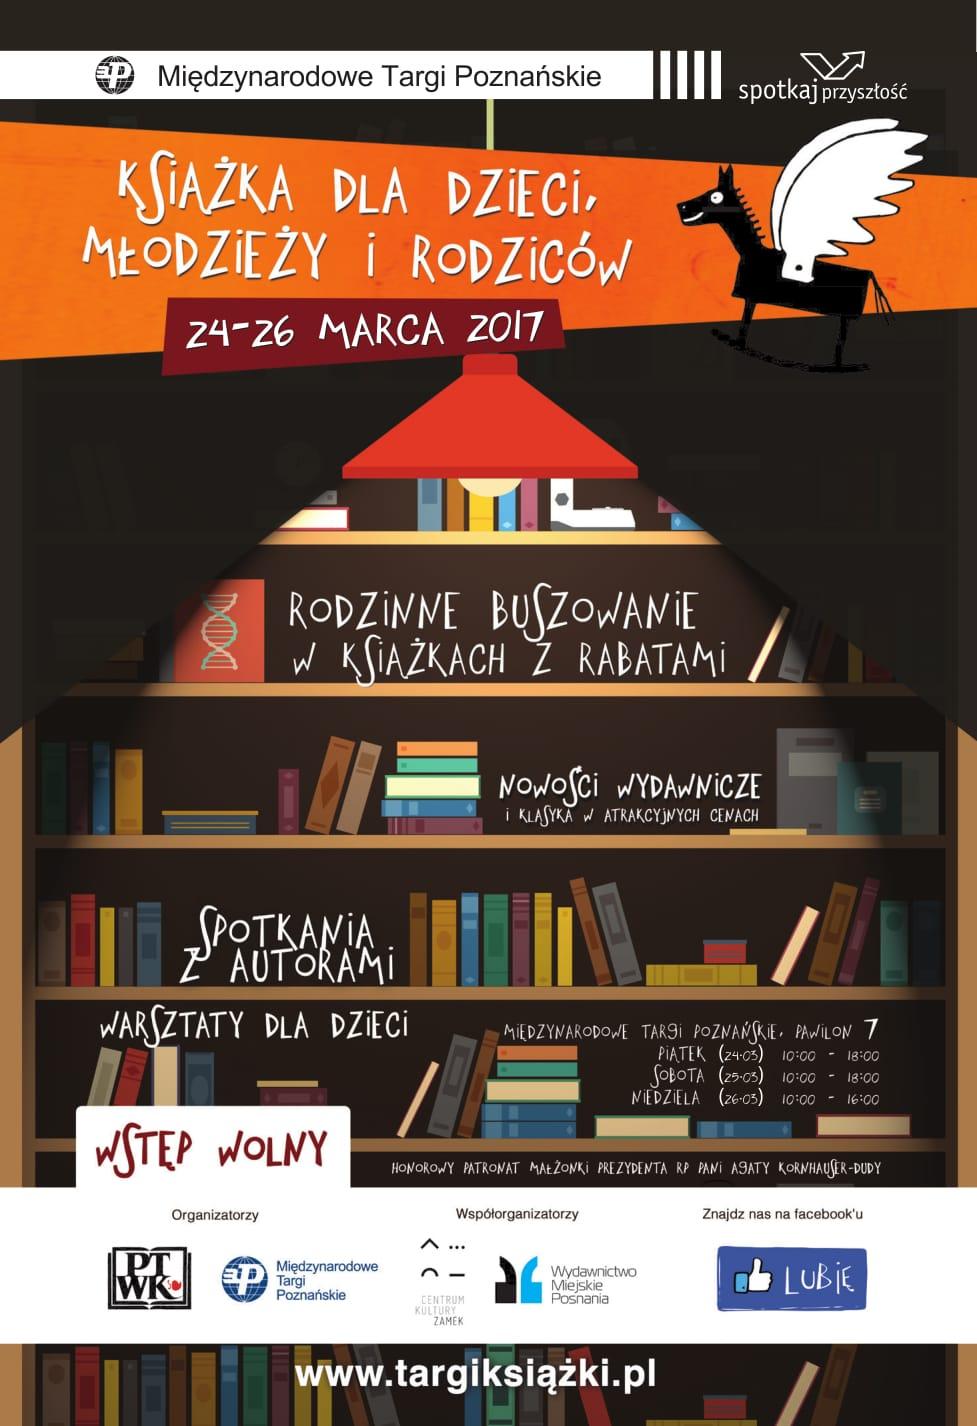 Targi ksiązki w Poznaniu 2017